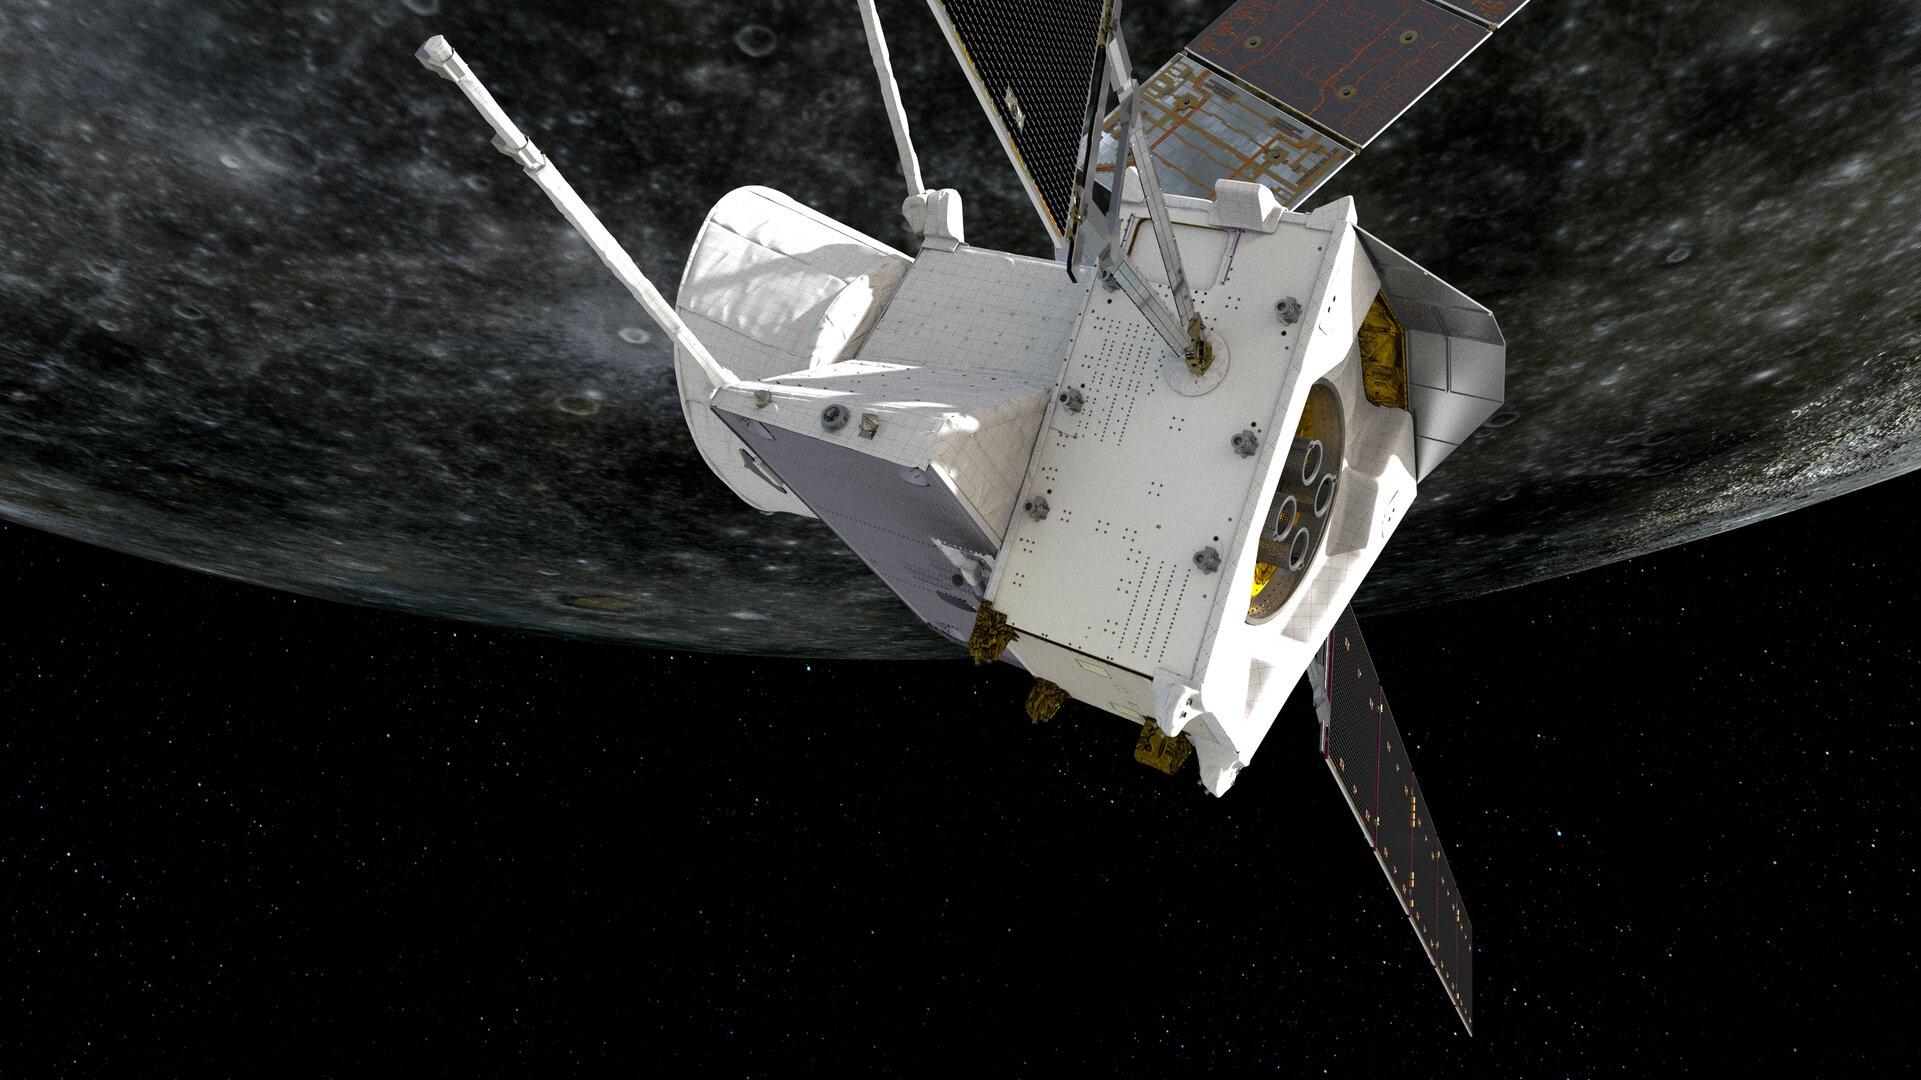 Στο Ερμή το διαστημικό σκάφος BepiColombo – Tο 2025 σε τροχιά γύρω από τον πλανήτη